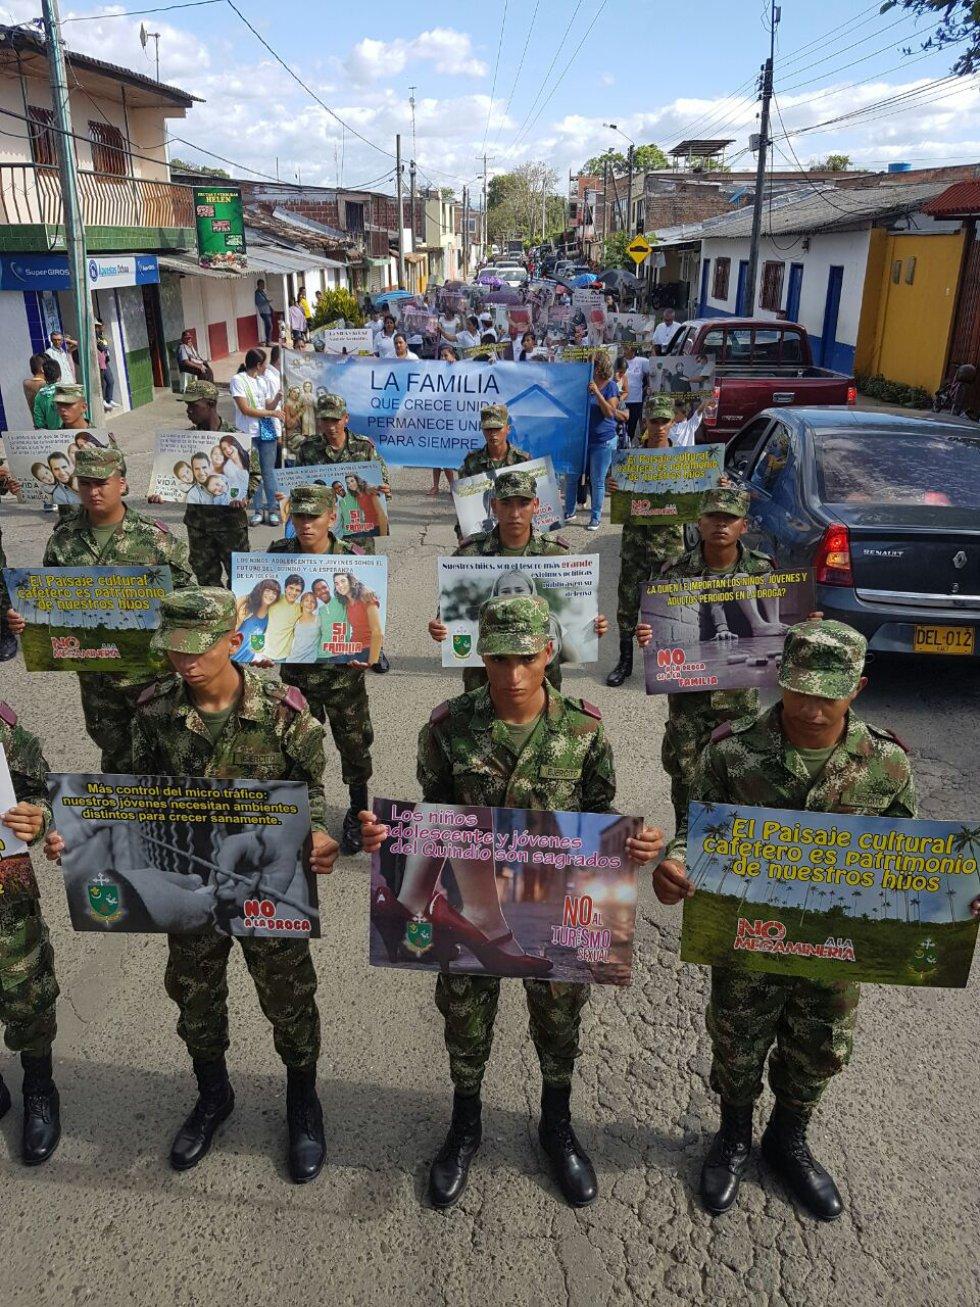 Los soldados también hicieron parte de la marcha por la familia